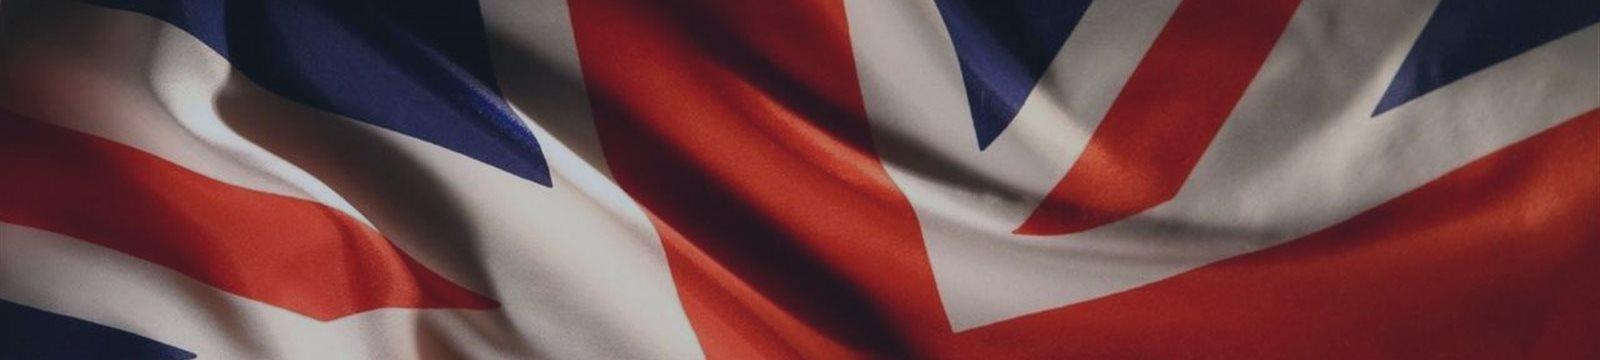 Новый опрос показал лидерство сторонников выхода Великобритании из ЕС